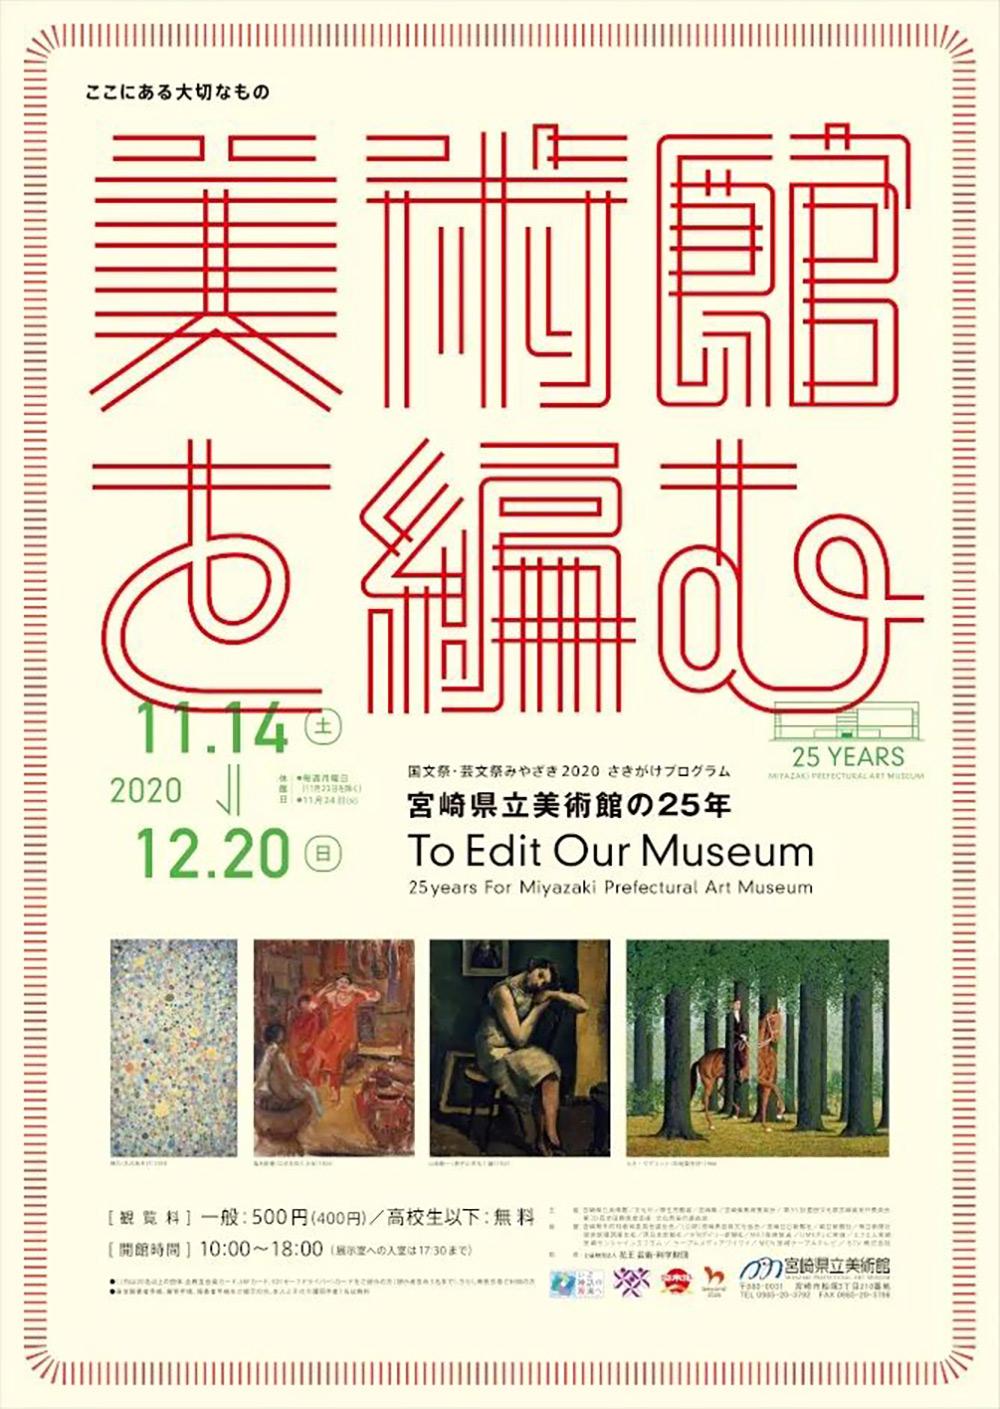 加分排版!12款日本展览海报设计